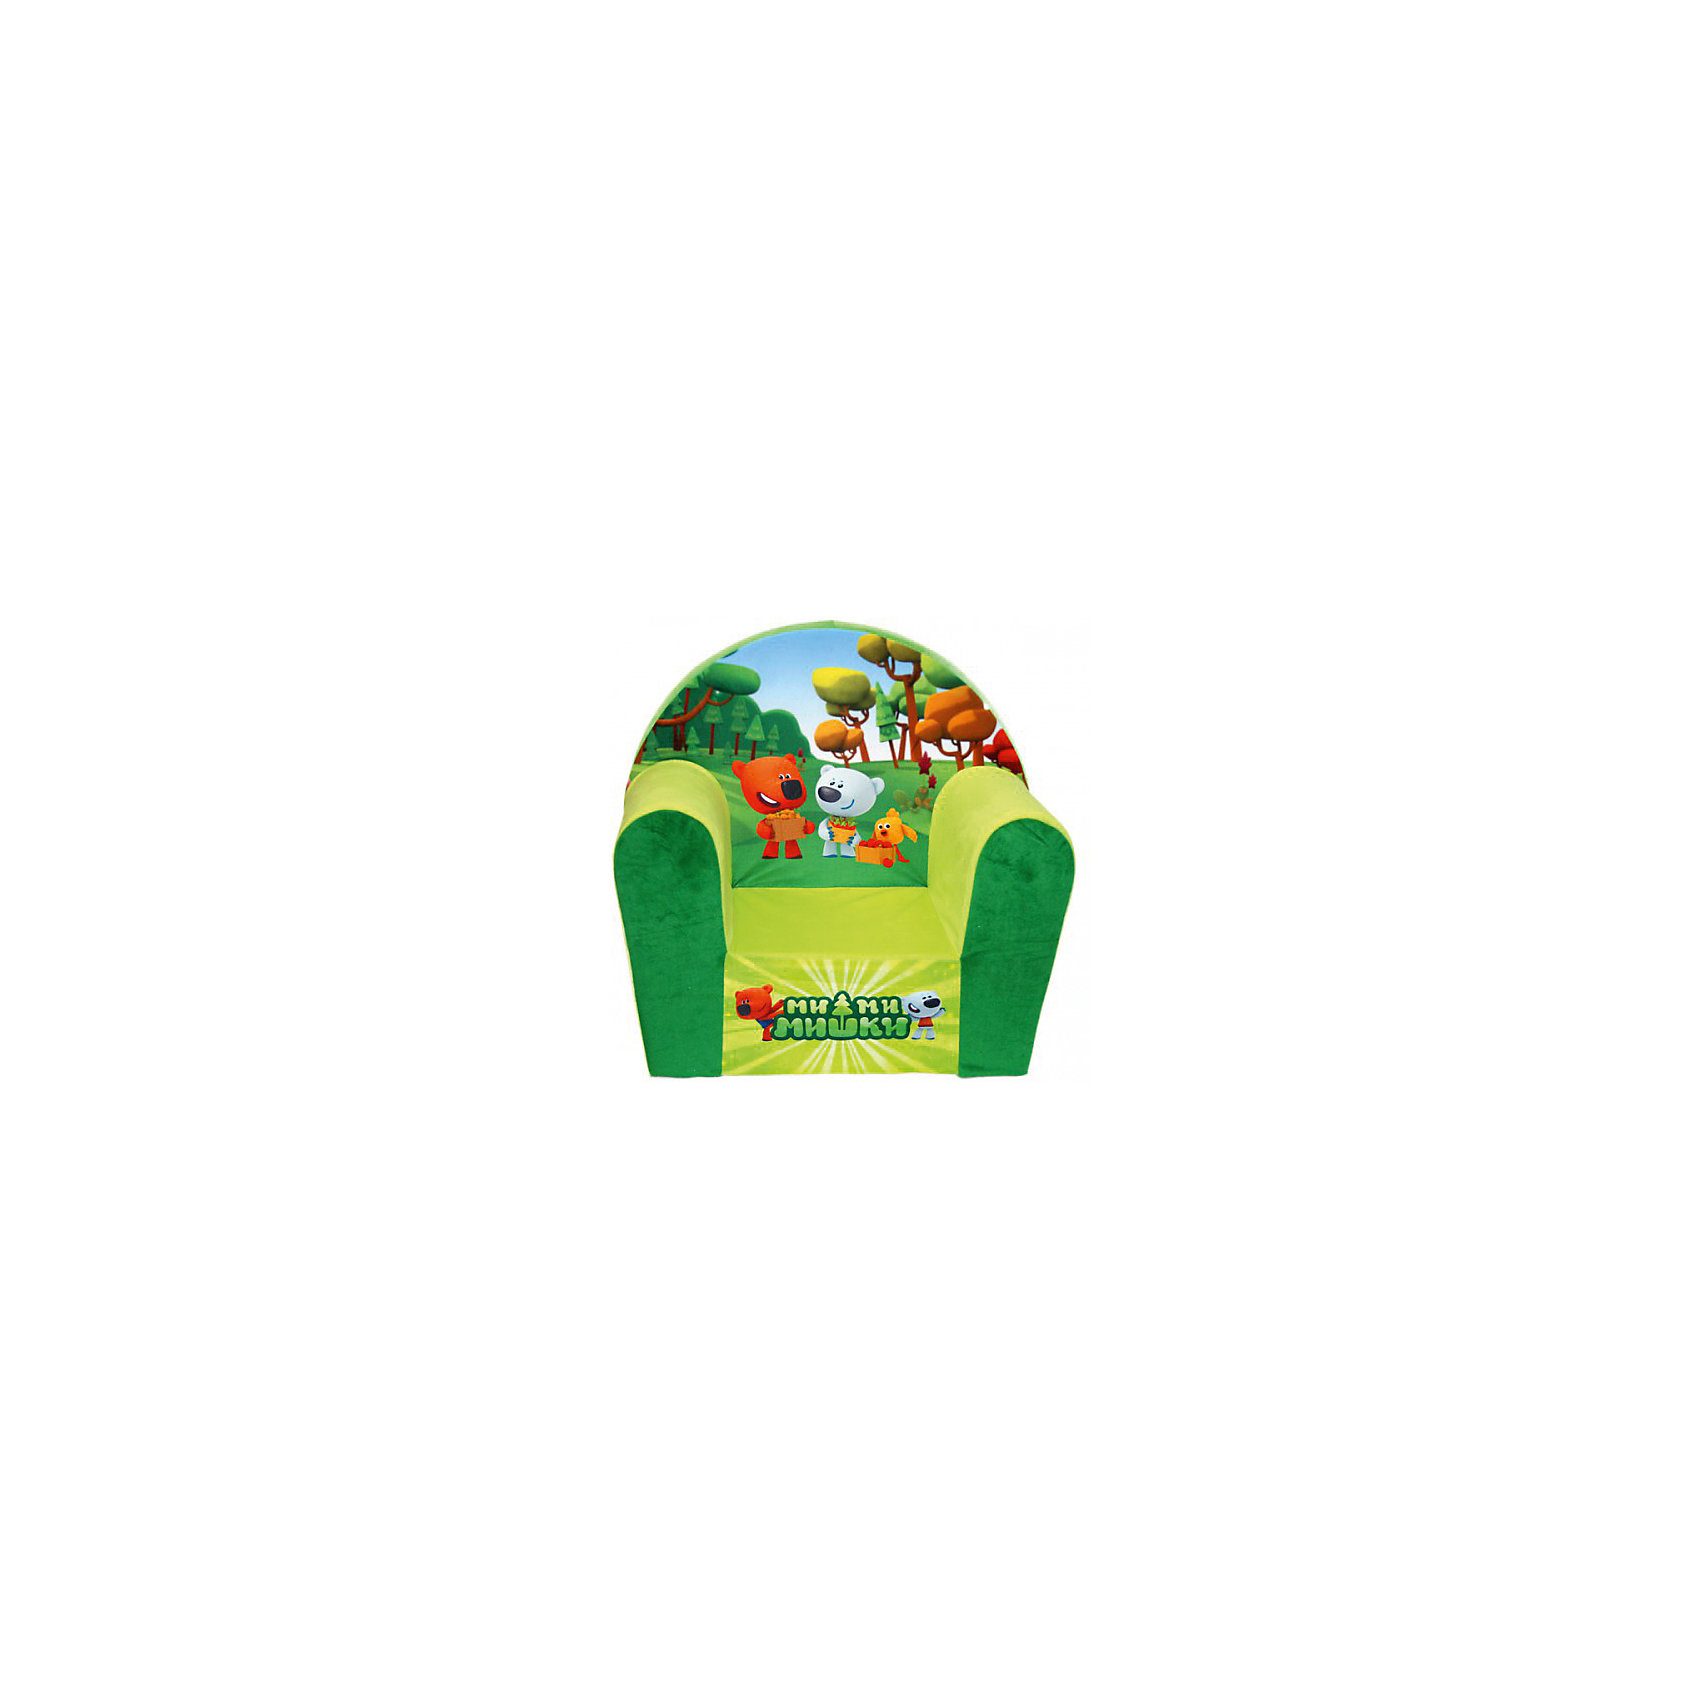 Мягкое кресло Ми-ми-мишки в50, СмолТойс, желтыйМебель<br>Детям очень важно иметь свои вещи, это касается не только посуды и игрушек, но и мебели. Именно поэтому такое кресло станет действительно желанным подарком для малыша. Тем более, что на нем есть изображение любимых мультяшных герои современных детей - Ми-ми-мишек.<br>Обивка кресла - мягкая и приятная на ощупь. Внутри предмет заполнен мягким наполнителем! Кресло легкое, но устойчивое. Детям будет интересно и удобно в нем сидеть или играть. Такое яркое и симпатичное кресло оживит и украсит комнату ребенка!<br><br>Дополнительная информация:<br><br>цвет: разноцветный;<br>материал: текстиль, наполнитель;<br>декорировано изображением Ми-ми-мишек;<br>размер: 530 х 410 х 320 мм.<br><br>Мягкое кресло Ми-ми-мишки в50 можно купить в нашем магазине.<br><br>Ширина мм: 34<br>Глубина мм: 53<br>Высота мм: 50<br>Вес г: 1100<br>Возраст от месяцев: 36<br>Возраст до месяцев: 1188<br>Пол: Унисекс<br>Возраст: Детский<br>SKU: 4996603